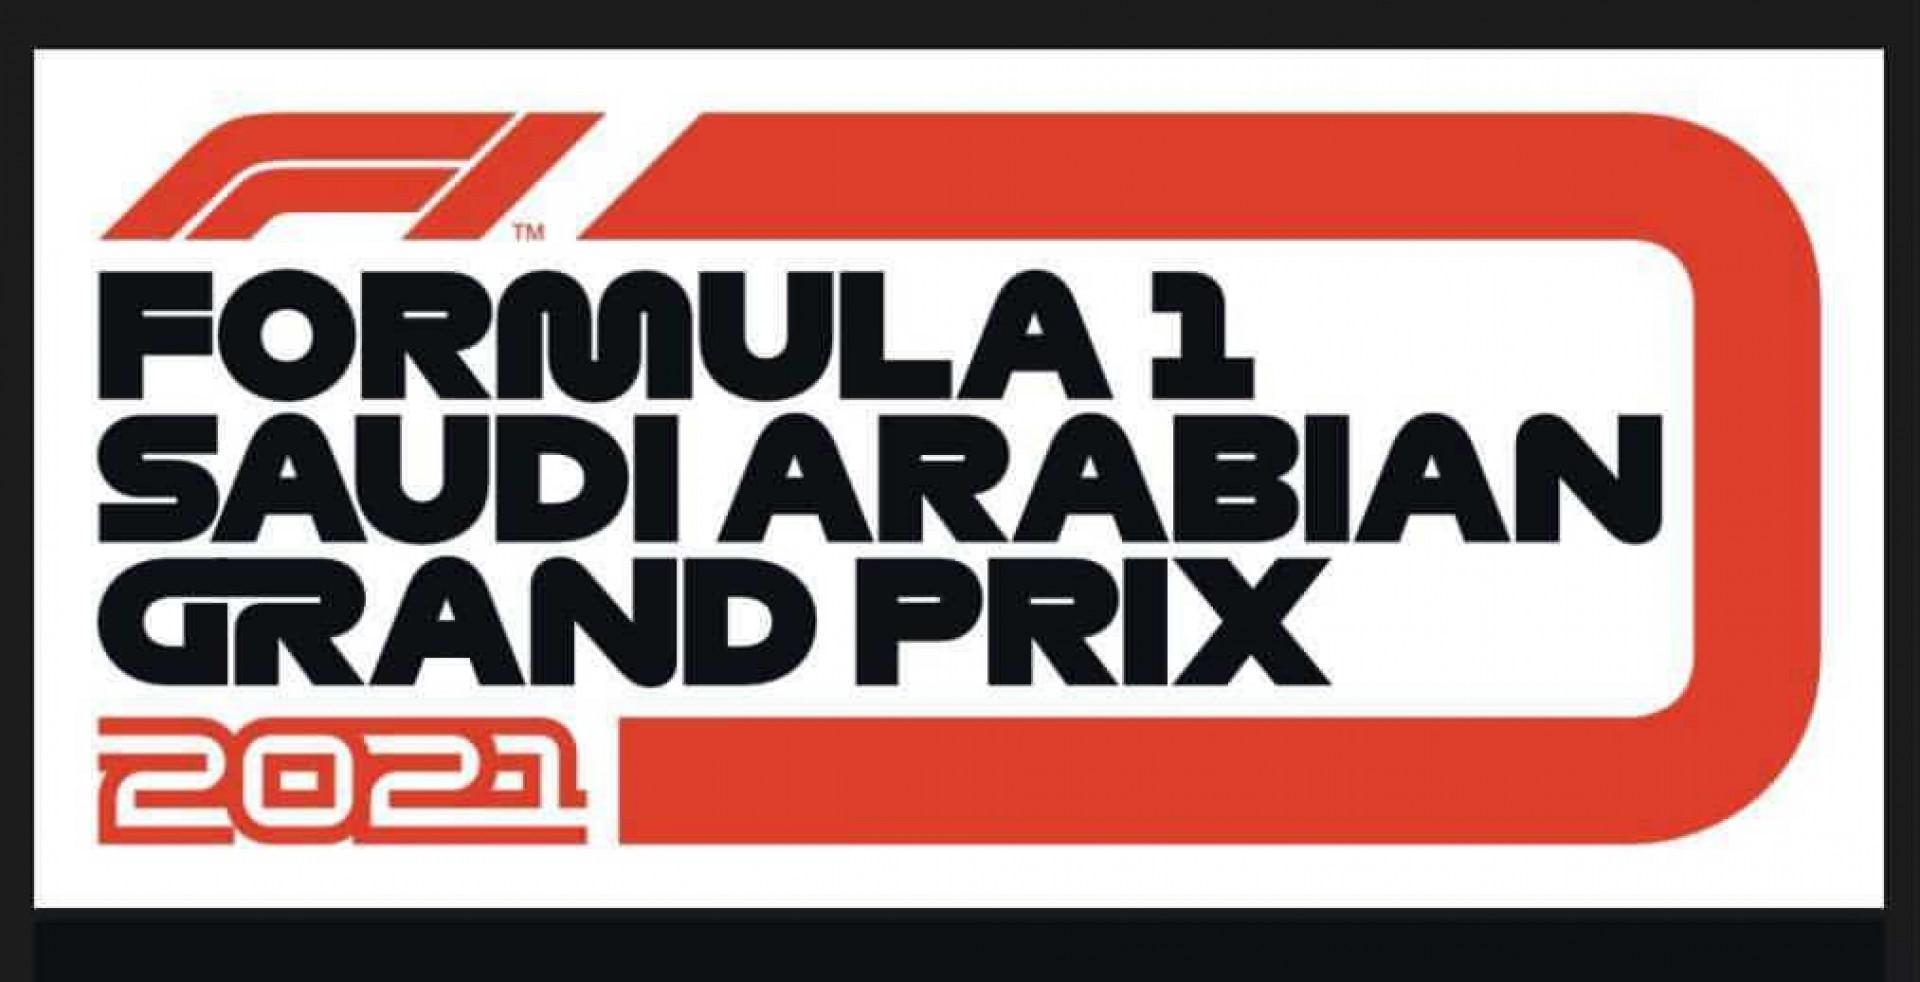 رسميا… السعودية تستضيف أحد جولات بطولة العالم للفورمولا 1